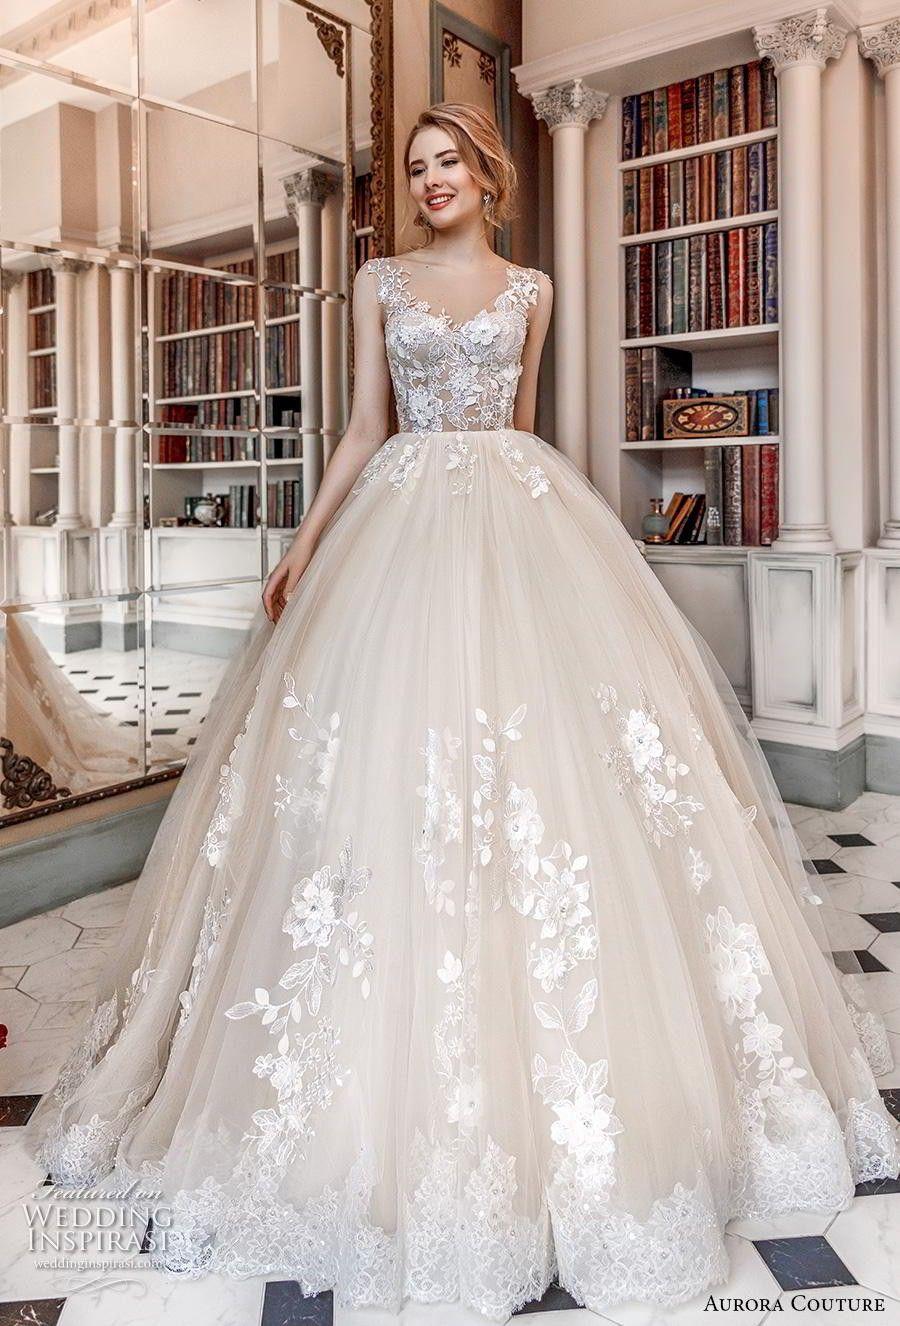 Aurora Couture 12 Brautkleider  Ballkleid hochzeit, Cinderella